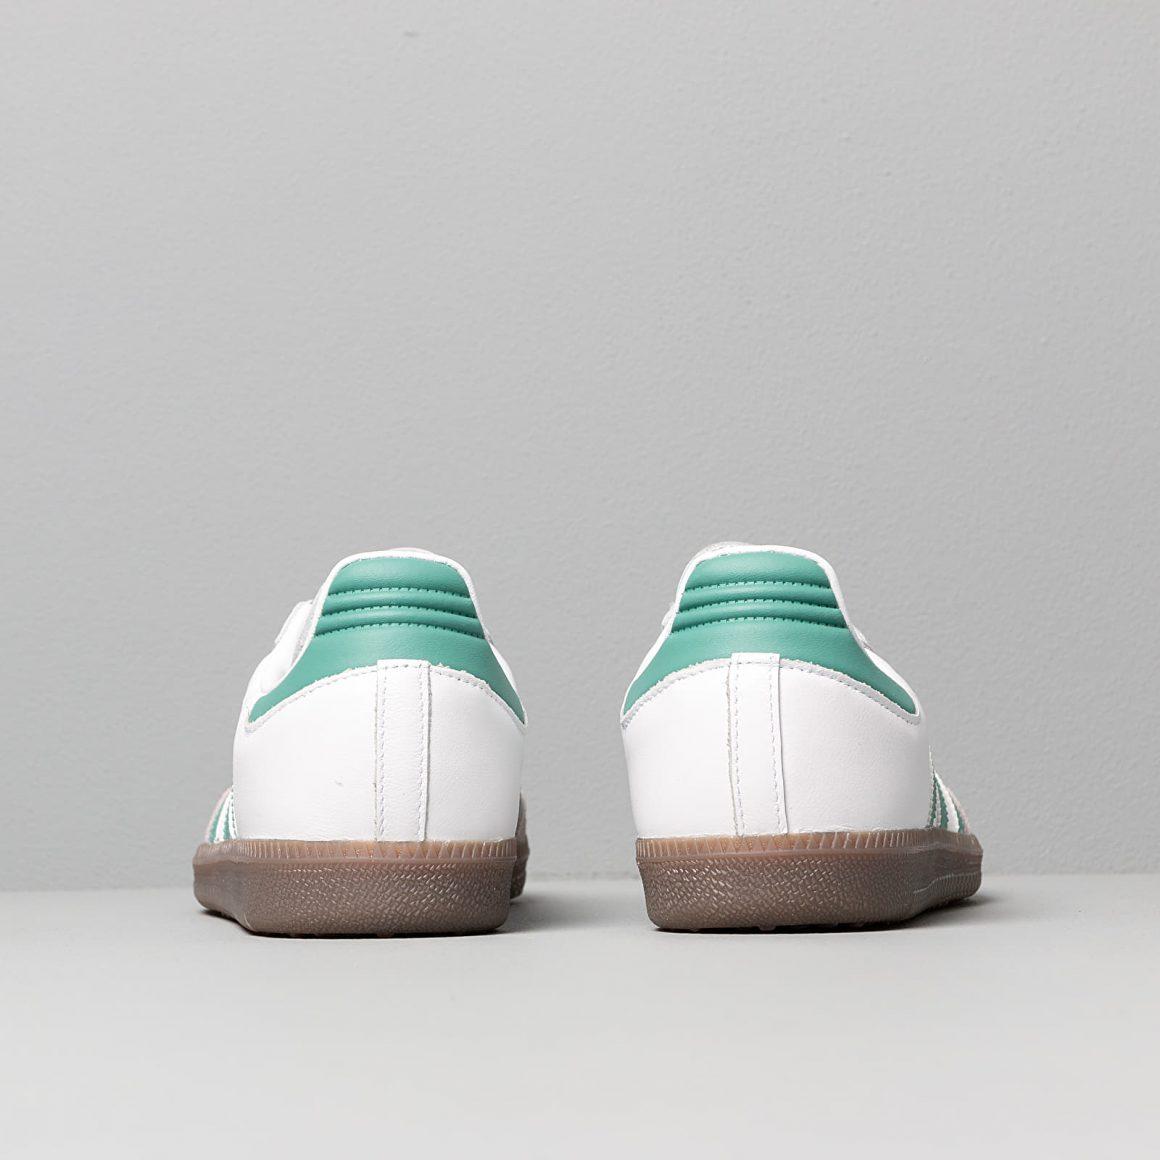 adidas Samba OG ''Hydro''